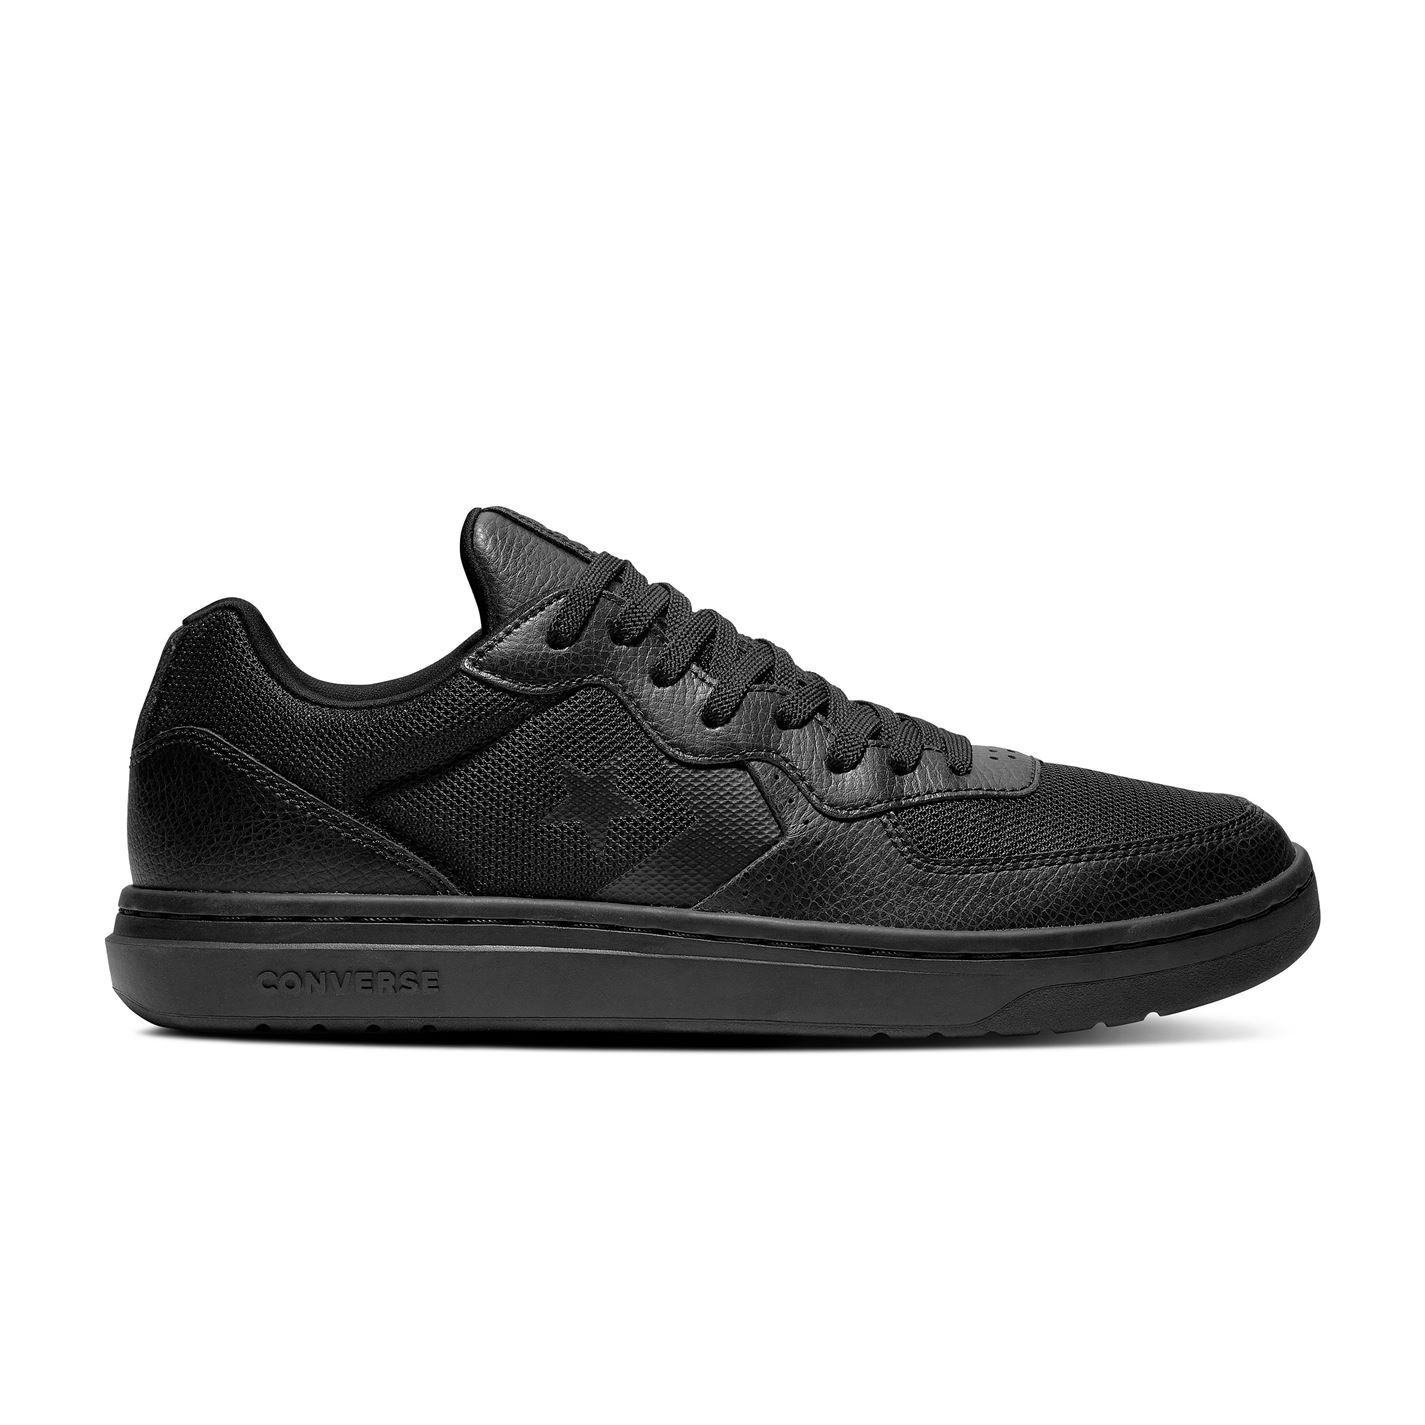 Converse-Rival-Baskets-Pour-Homme-Chaussures-De-Loisirs-Chaussures-Baskets miniature 6